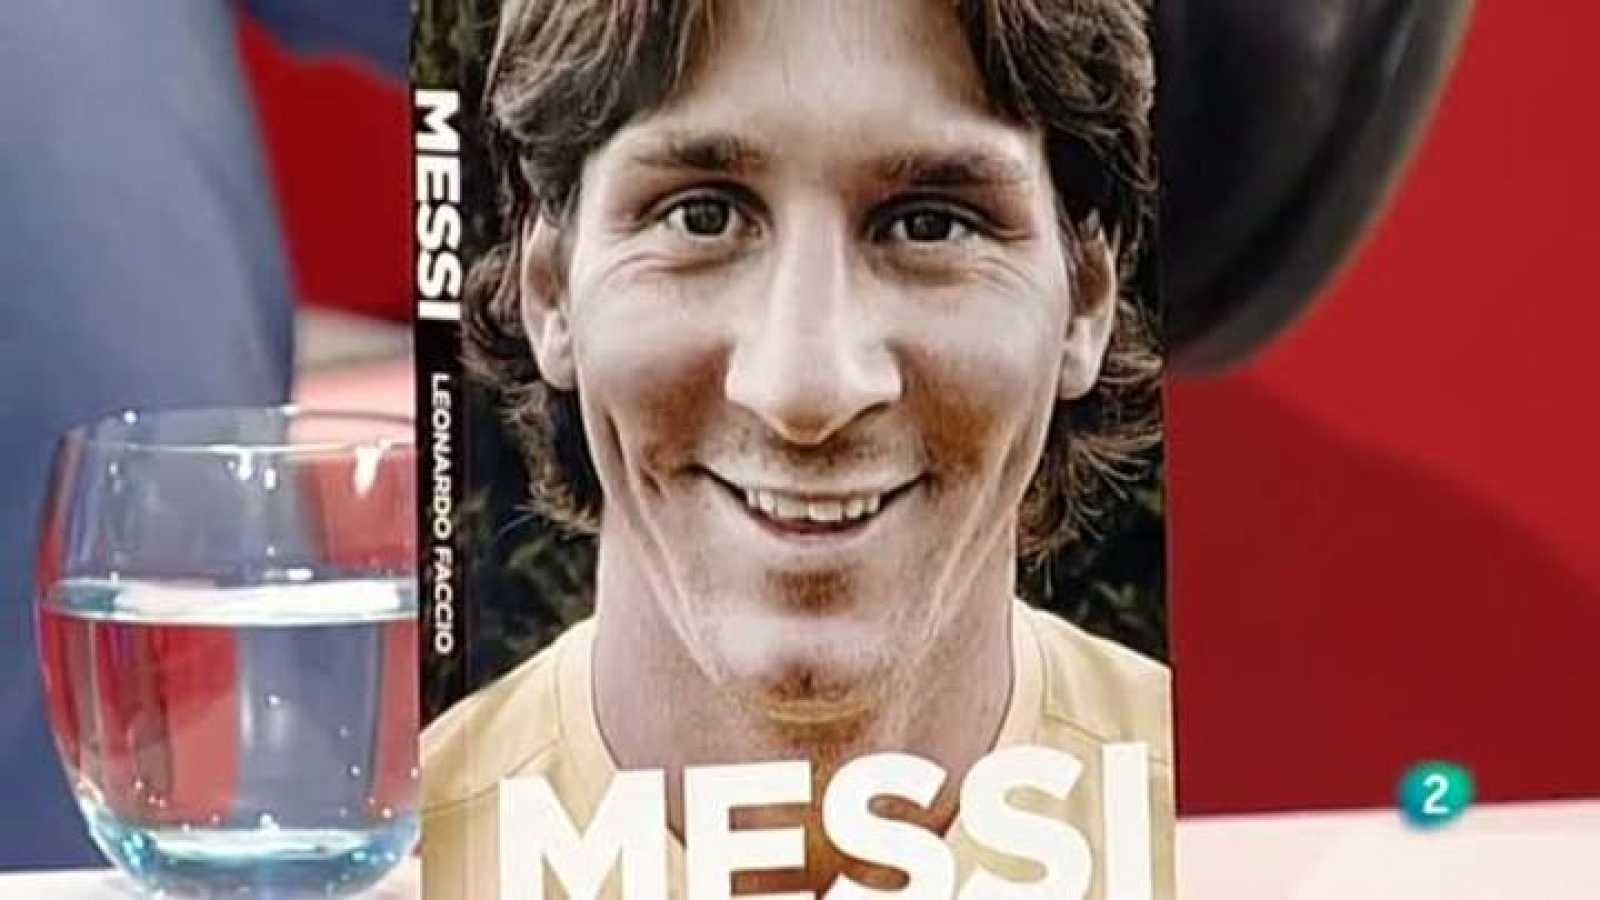 Para todos La 2 - 'Messi' de Leonardo FaccioPara todos La 2 - 'Messi' de Leonardo Faccio